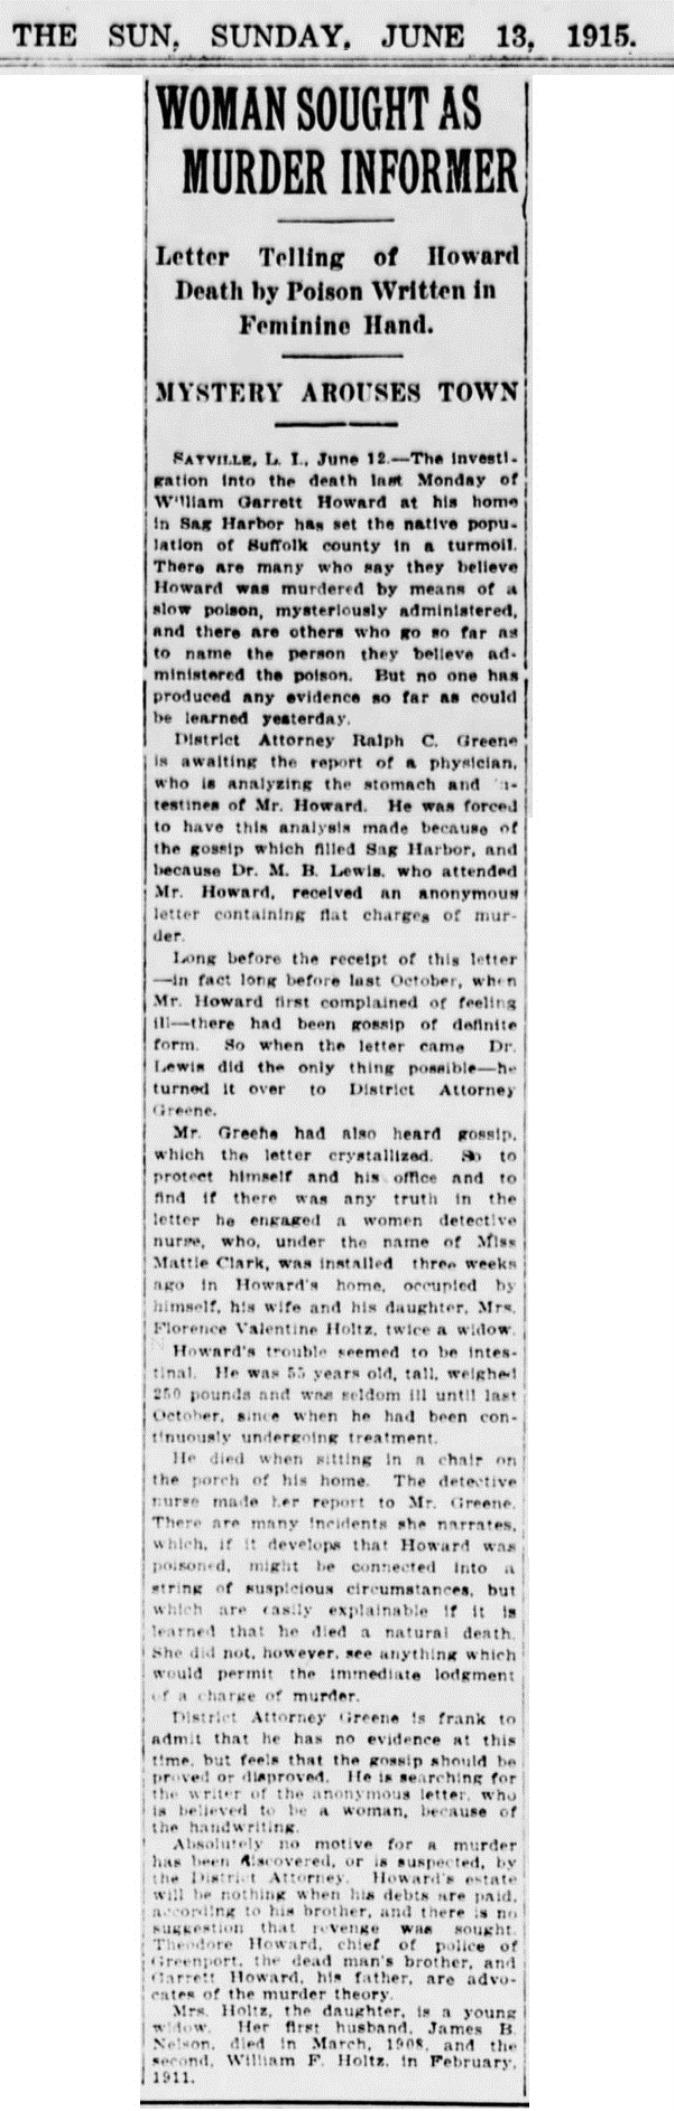 A23  6-13-1915 The Sun Sunday